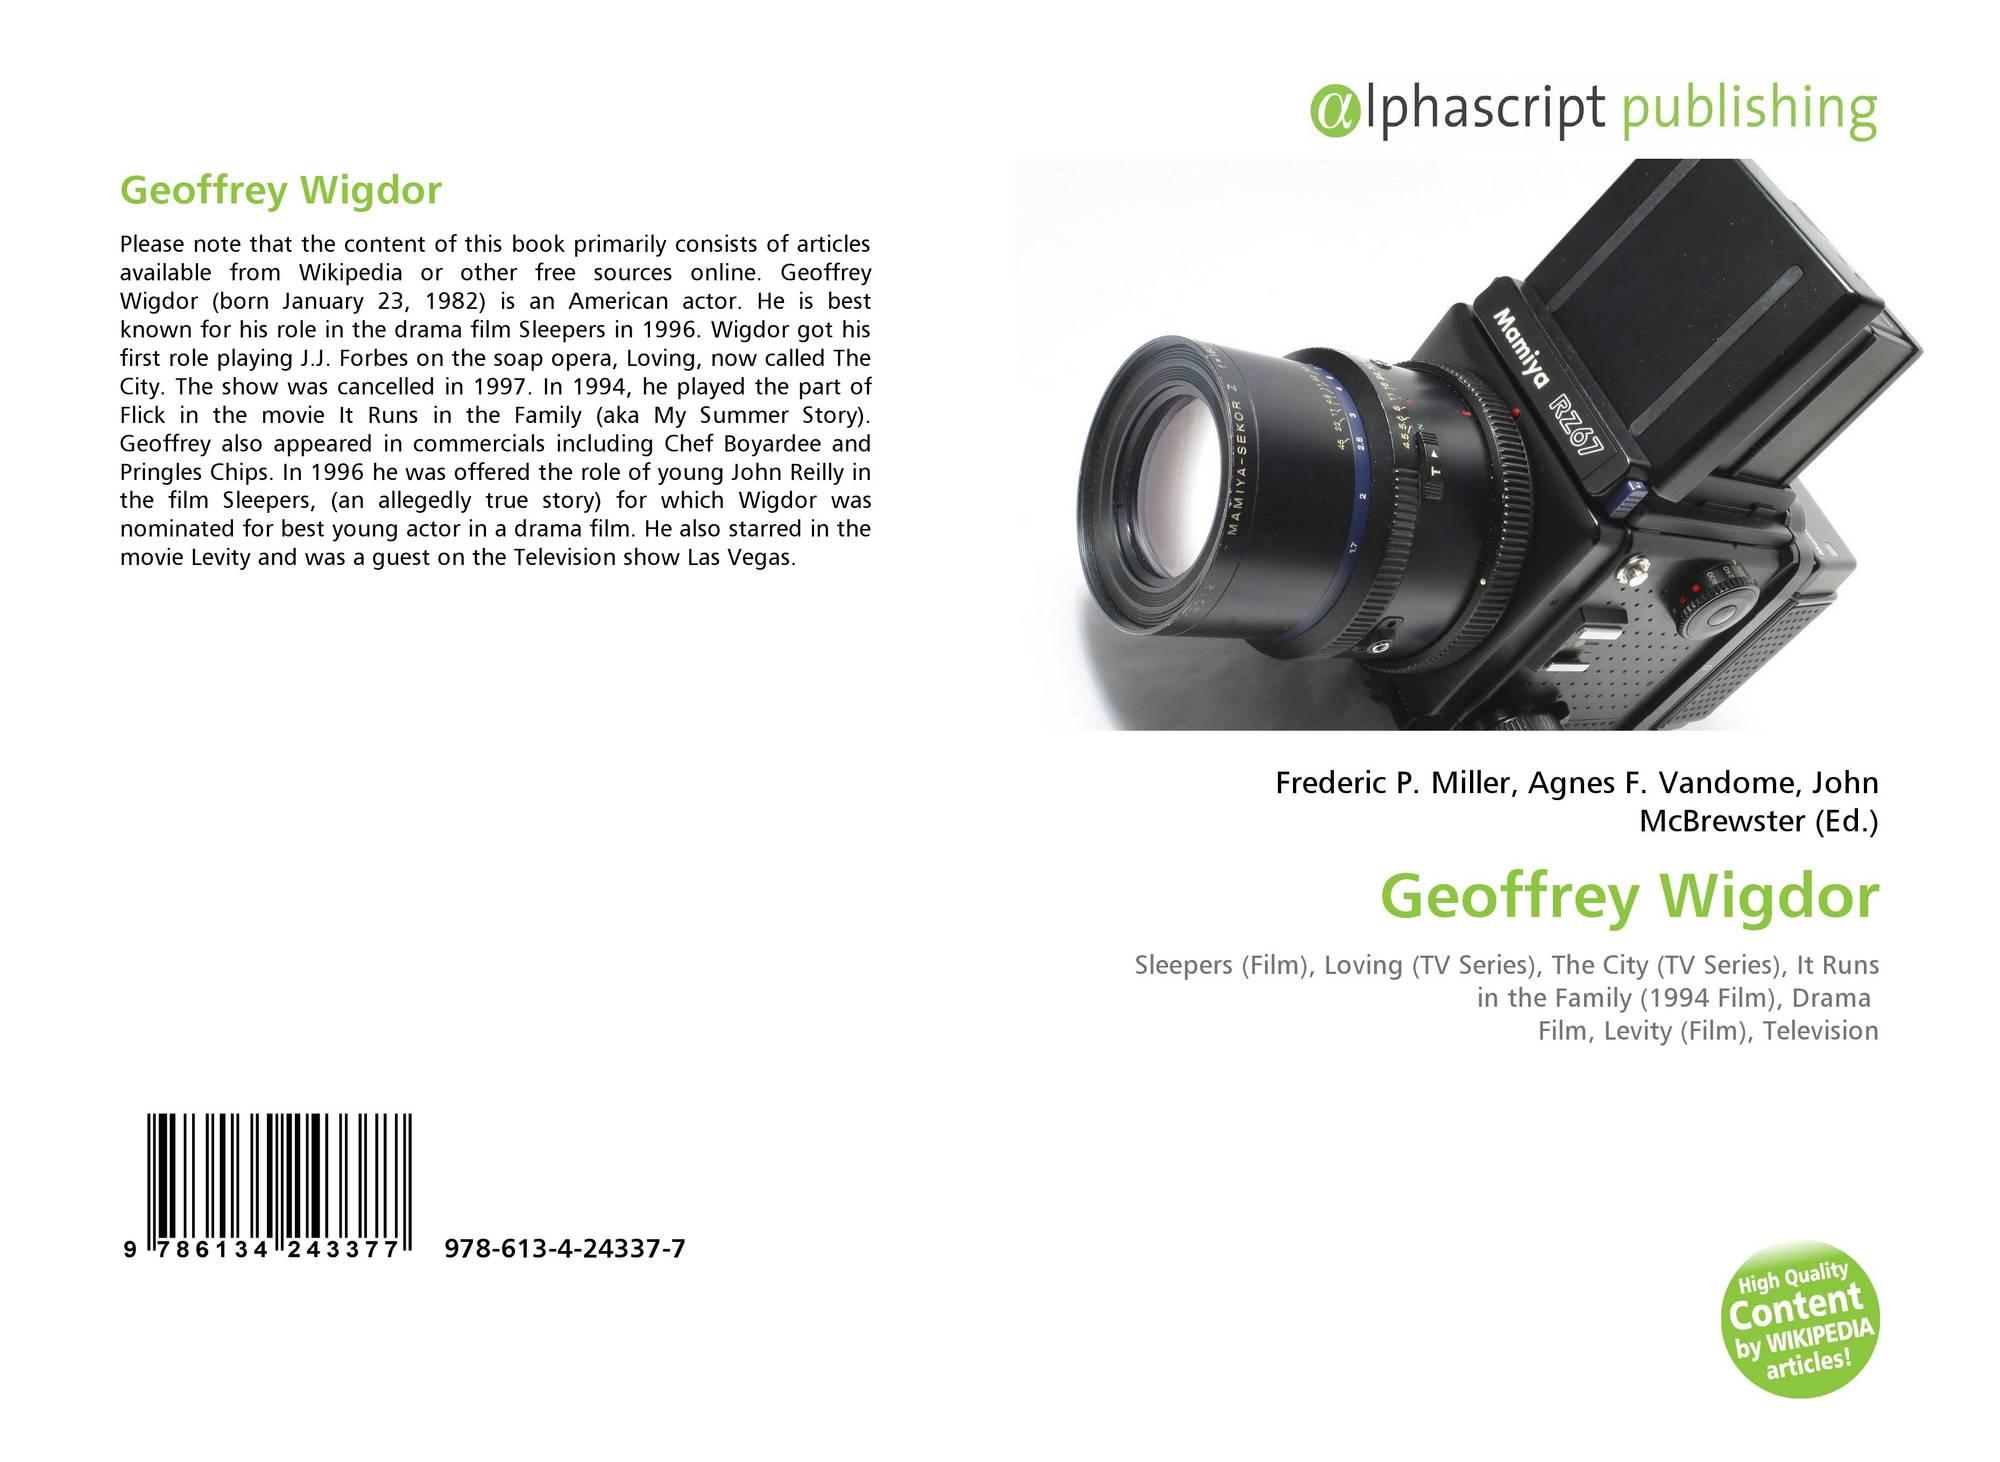 Geoffrey Wigdor 978 613 4 24337 7 613424337x 9786134243377